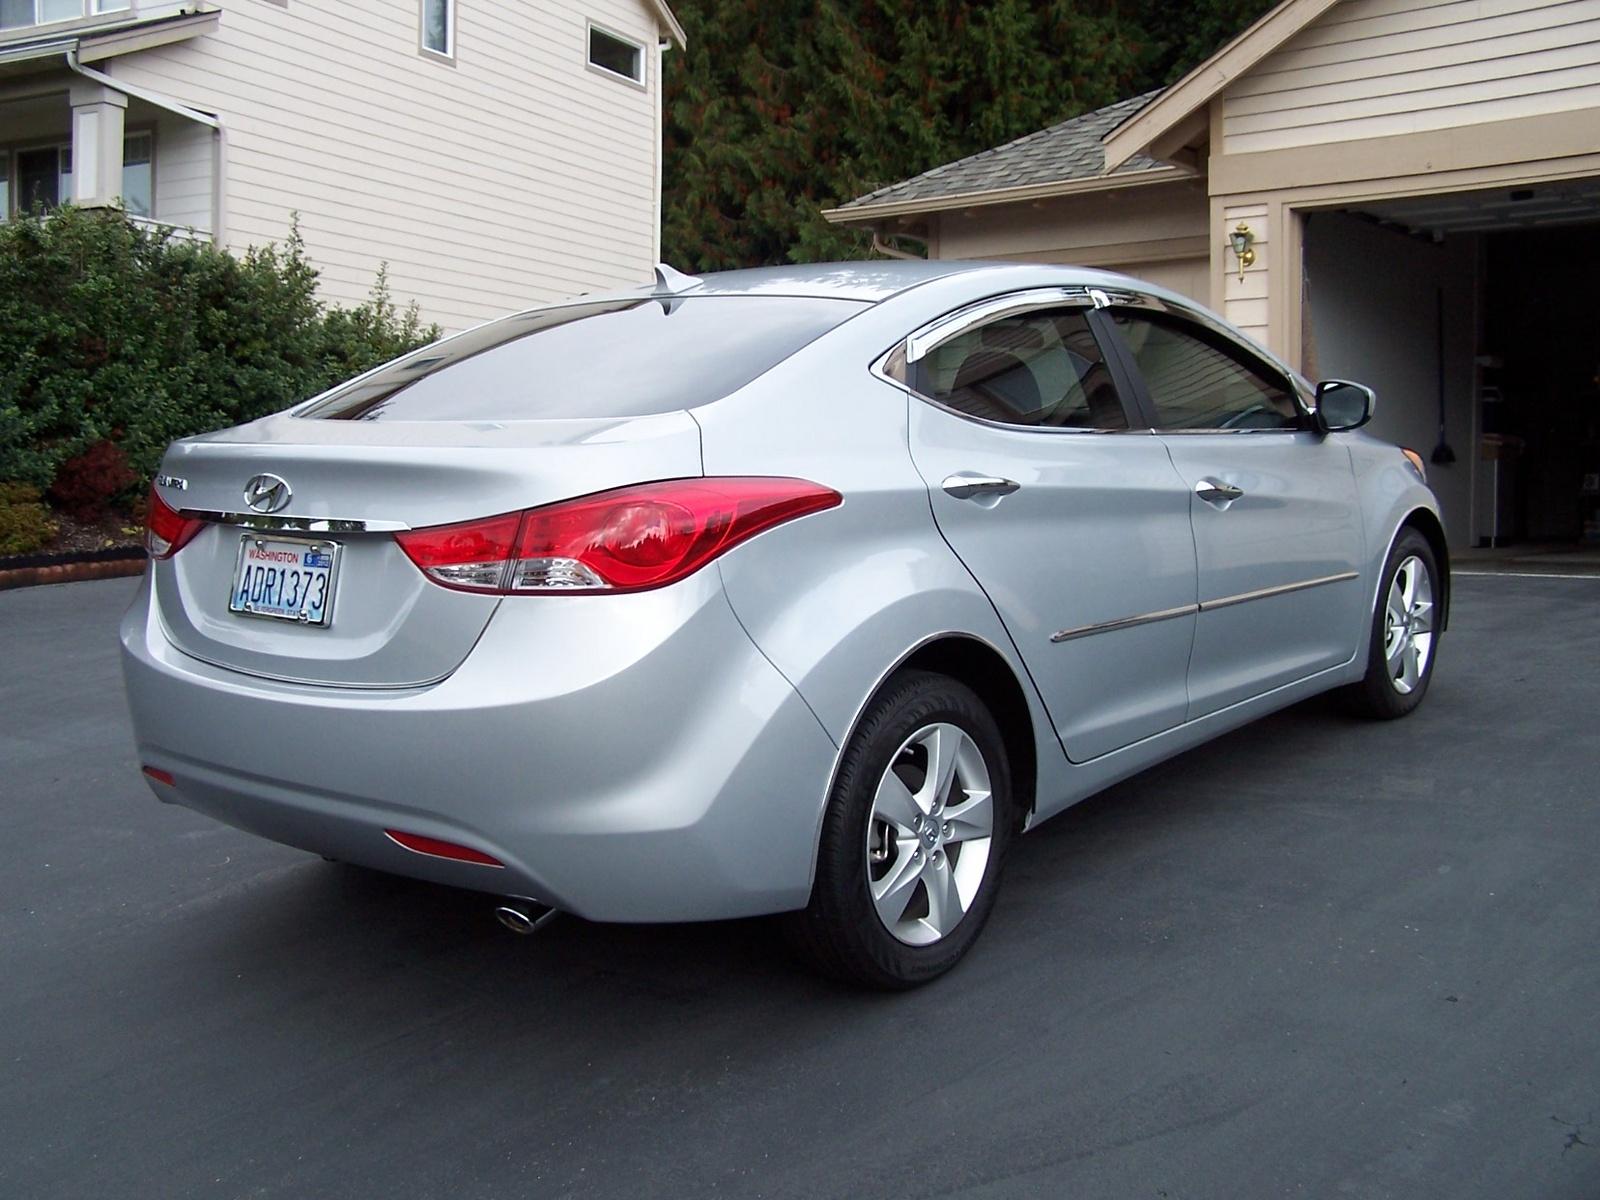 2012 Hyundai Elantra Exterior Pictures Cargurus